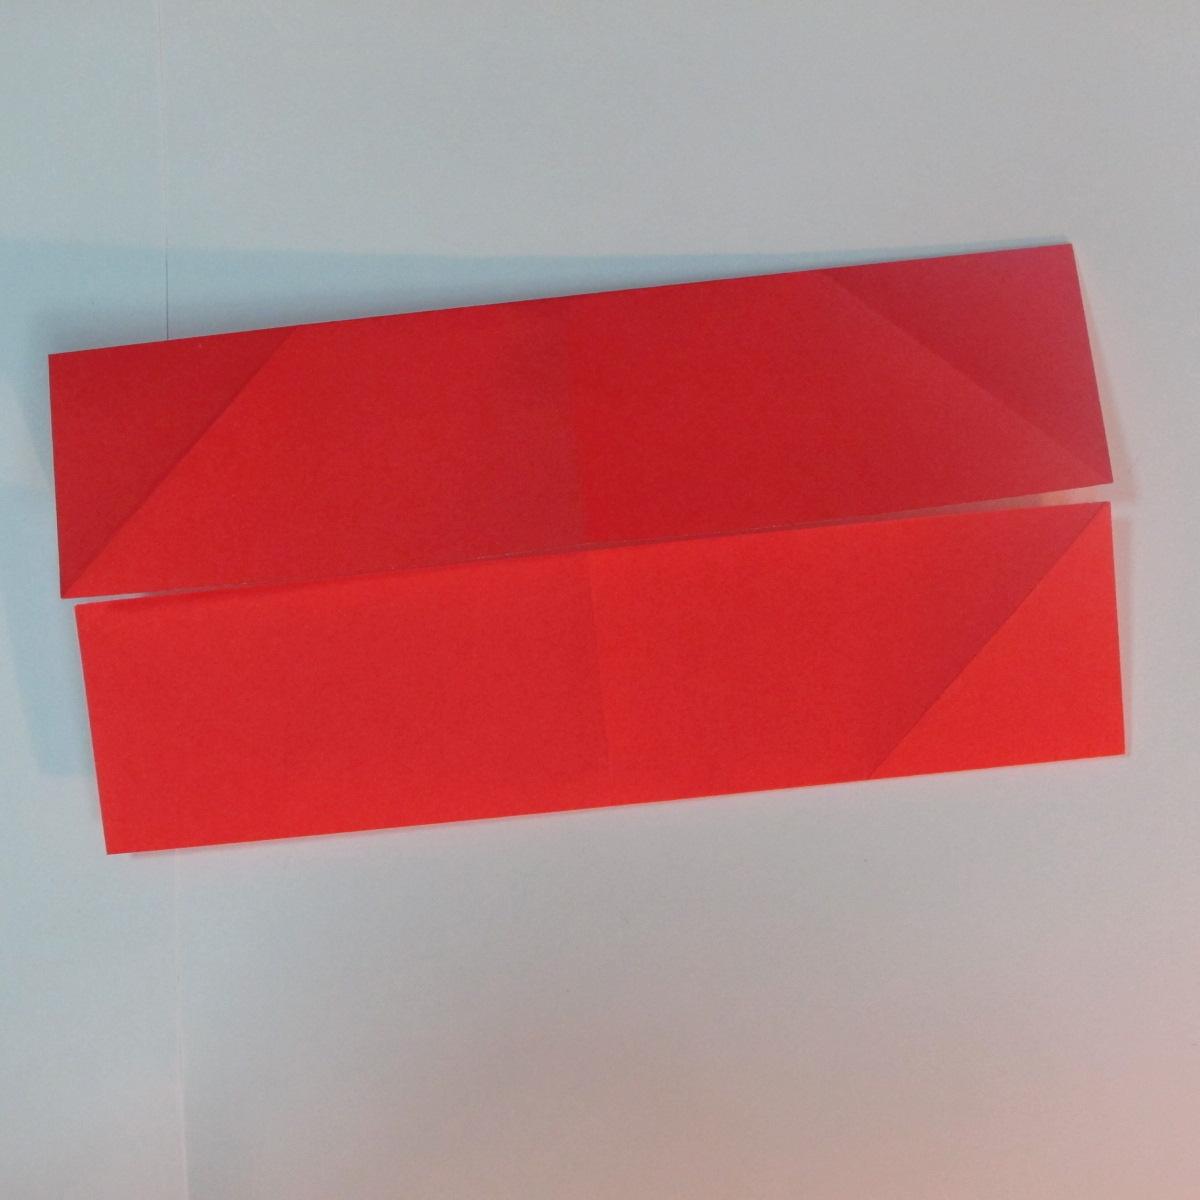 วิธีพับกระดาษพับดอกกุหลาบ 004